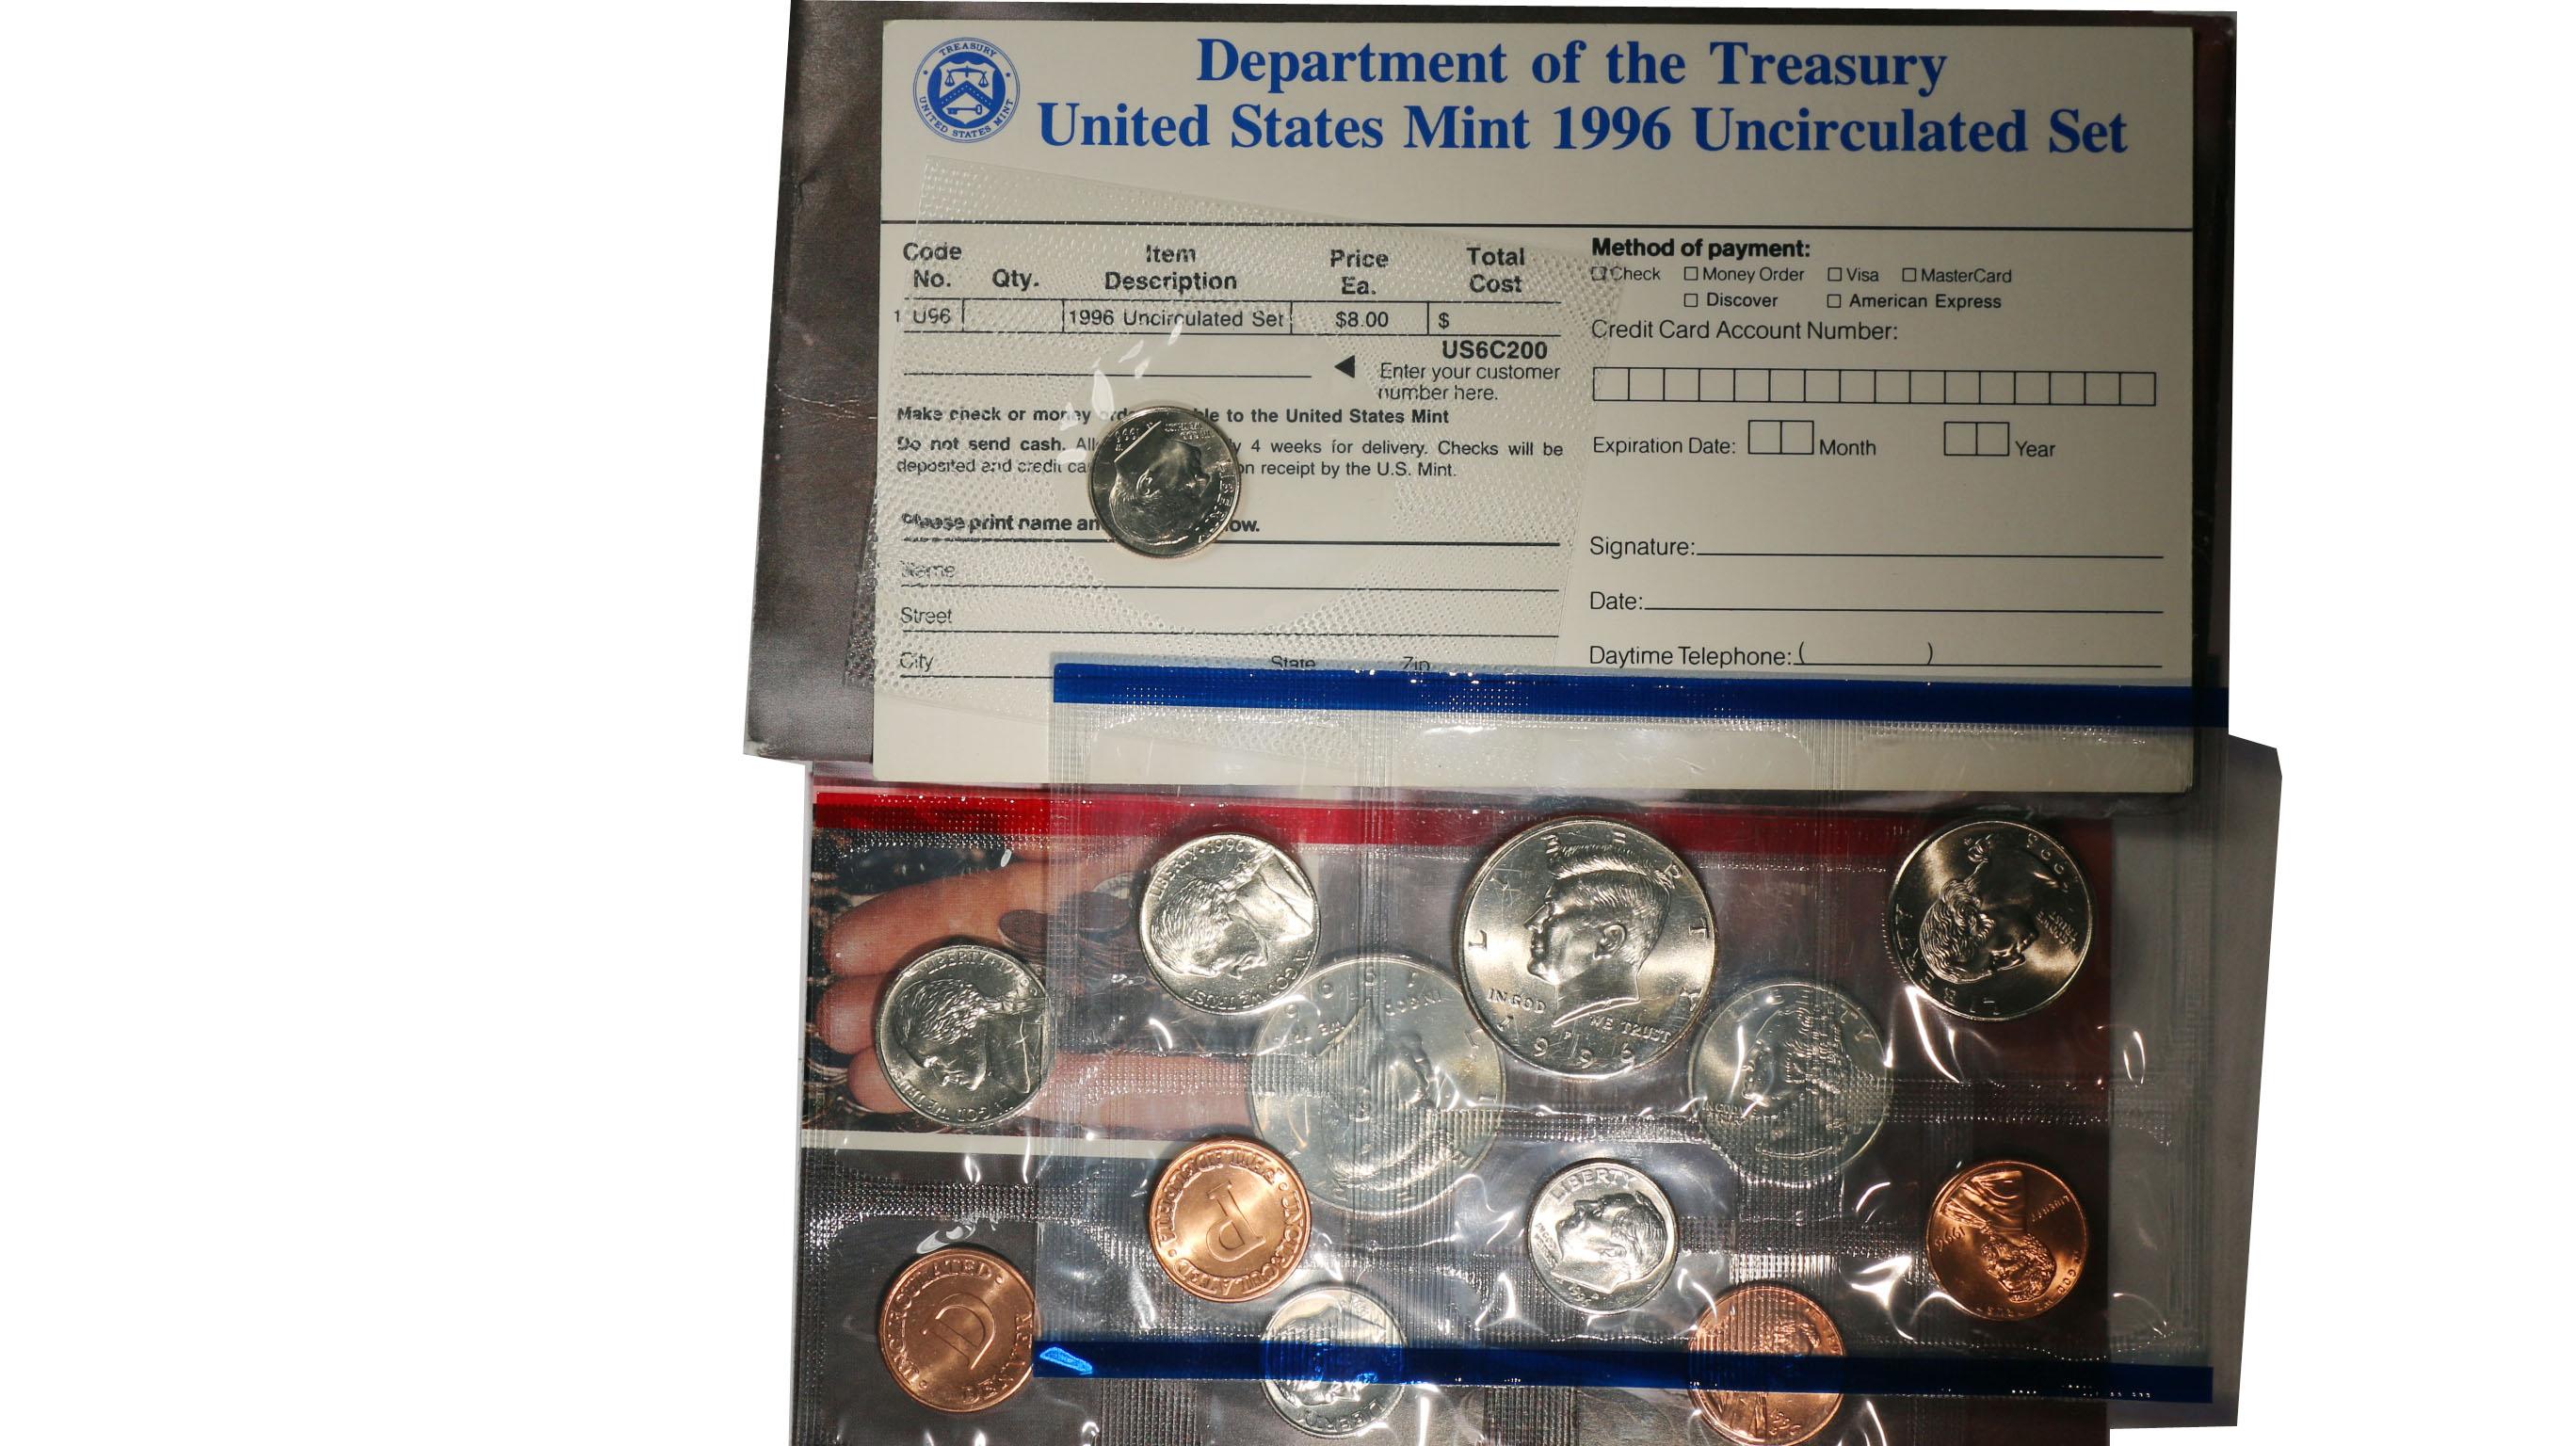 1995 1996 1997 1998 Mint sets  U.S Mint 4 Sets with COA and Key 96 W Dime